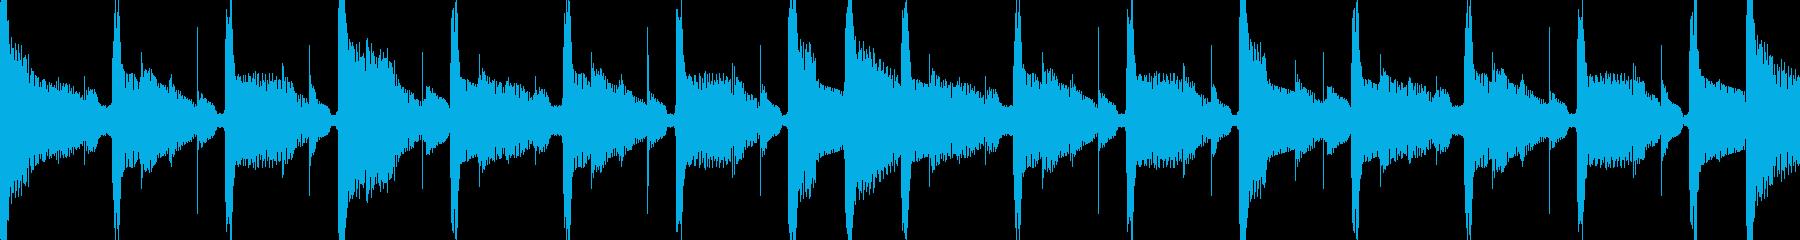 洞窟を進むようなイメージですの再生済みの波形